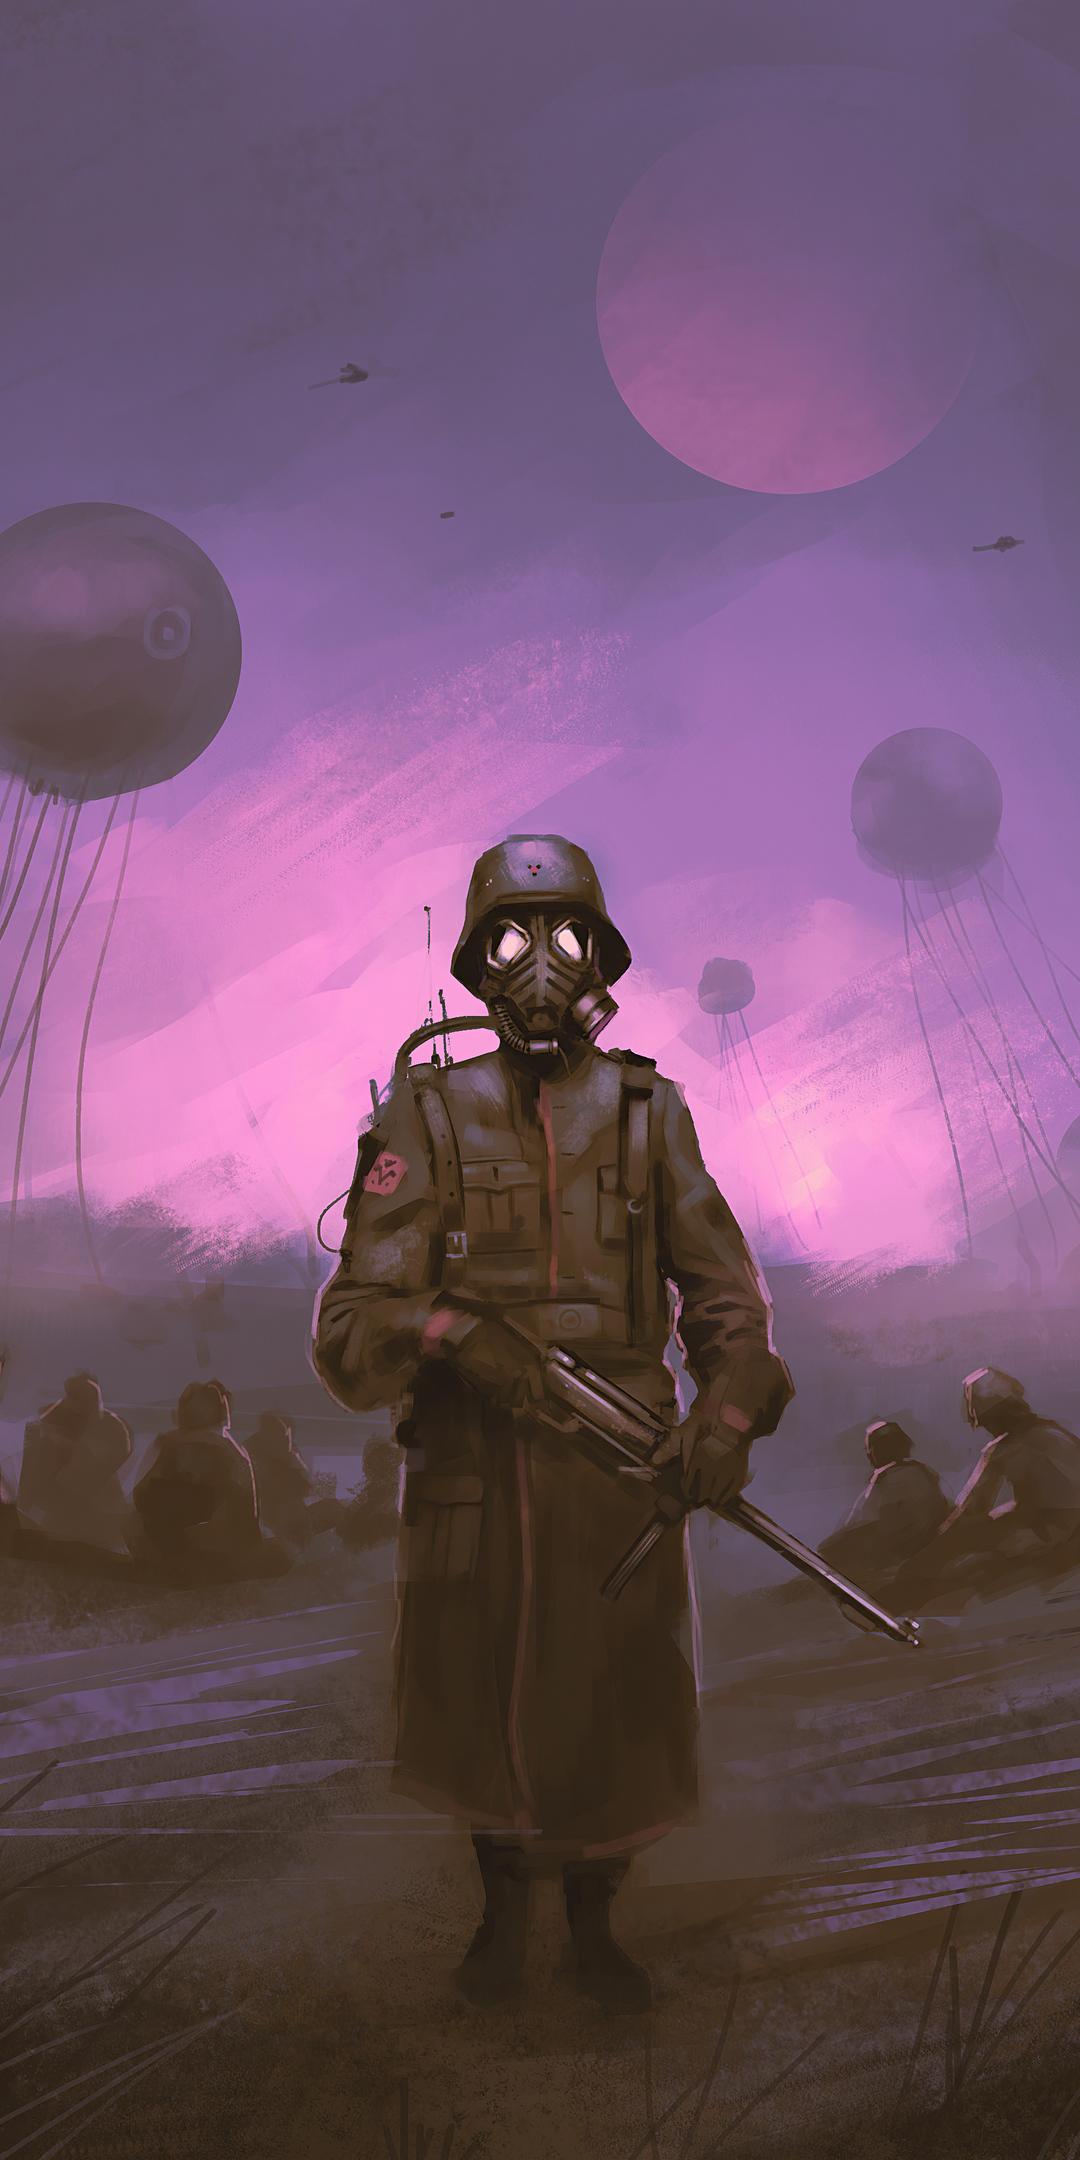 post-war-soldier-4k-dh.jpg